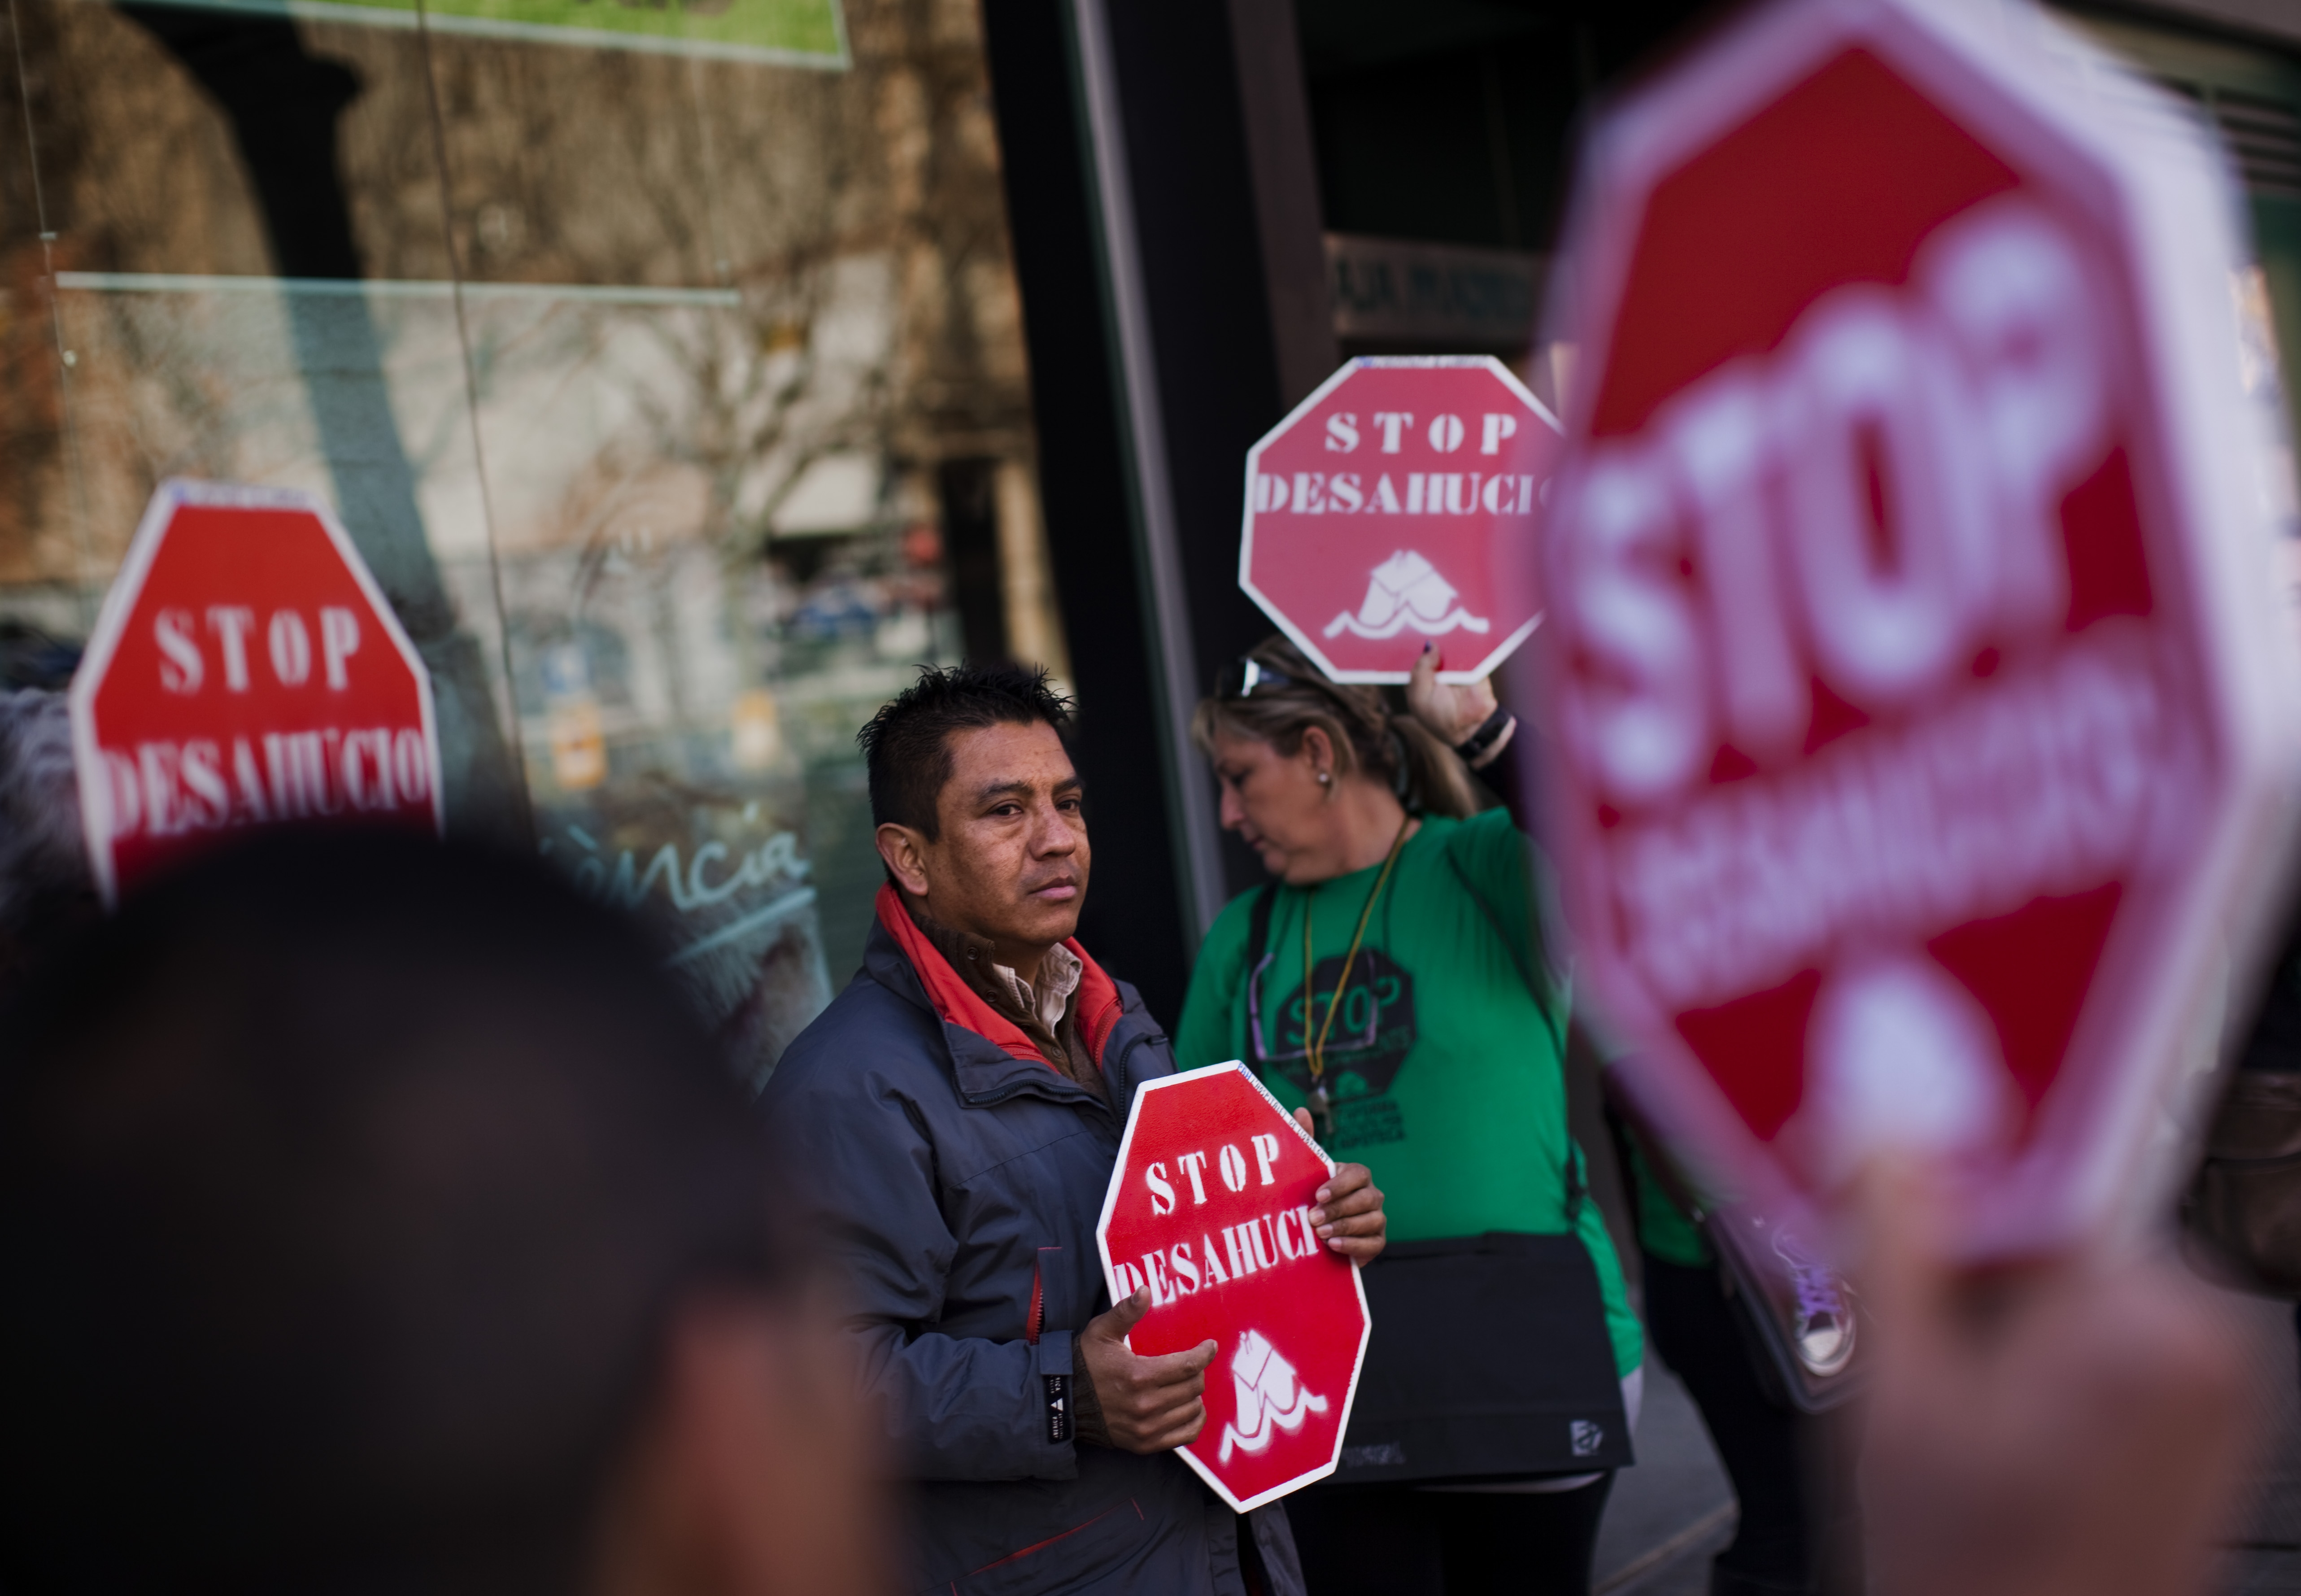 La ley antidesahucios española, denunciada ante Bruselas por desproteger al deudor hipotecario